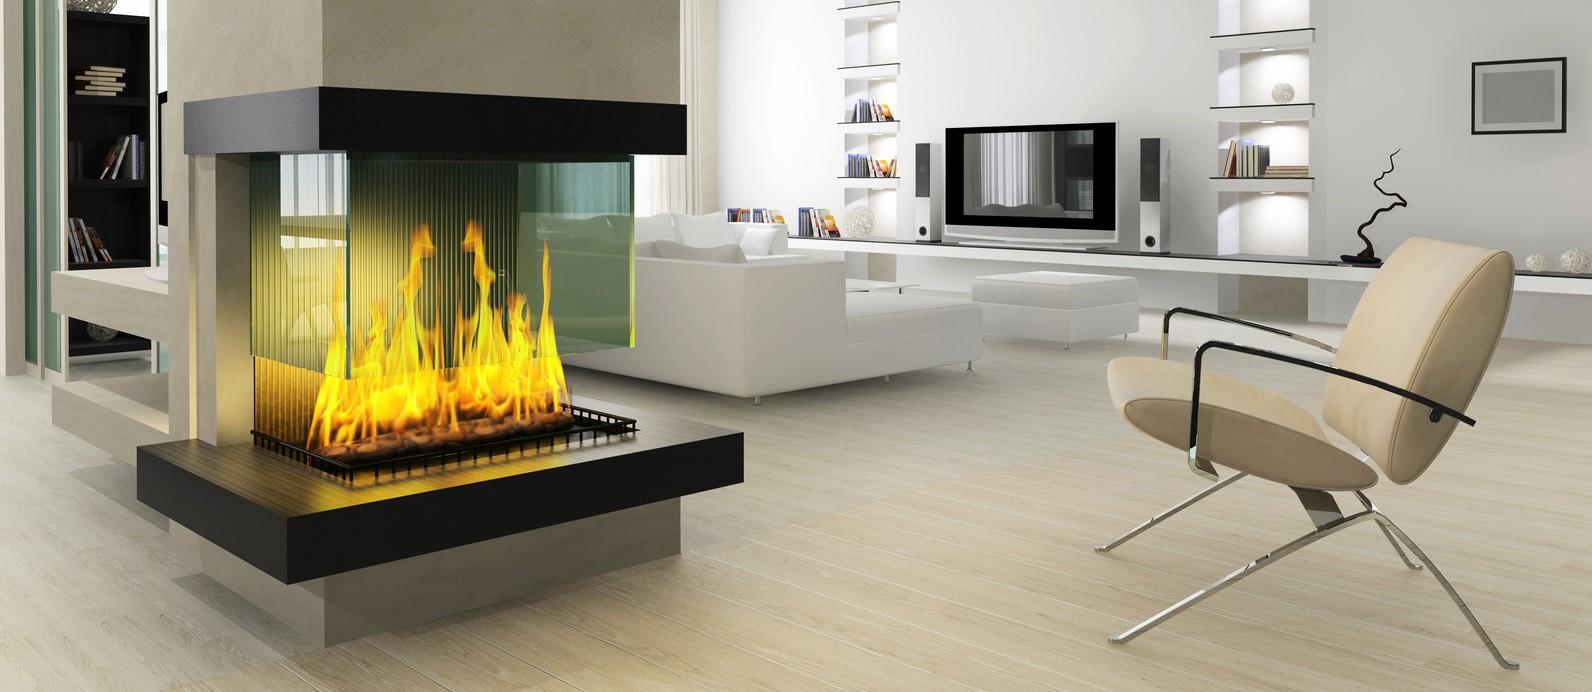 home-heating-e1437011874238